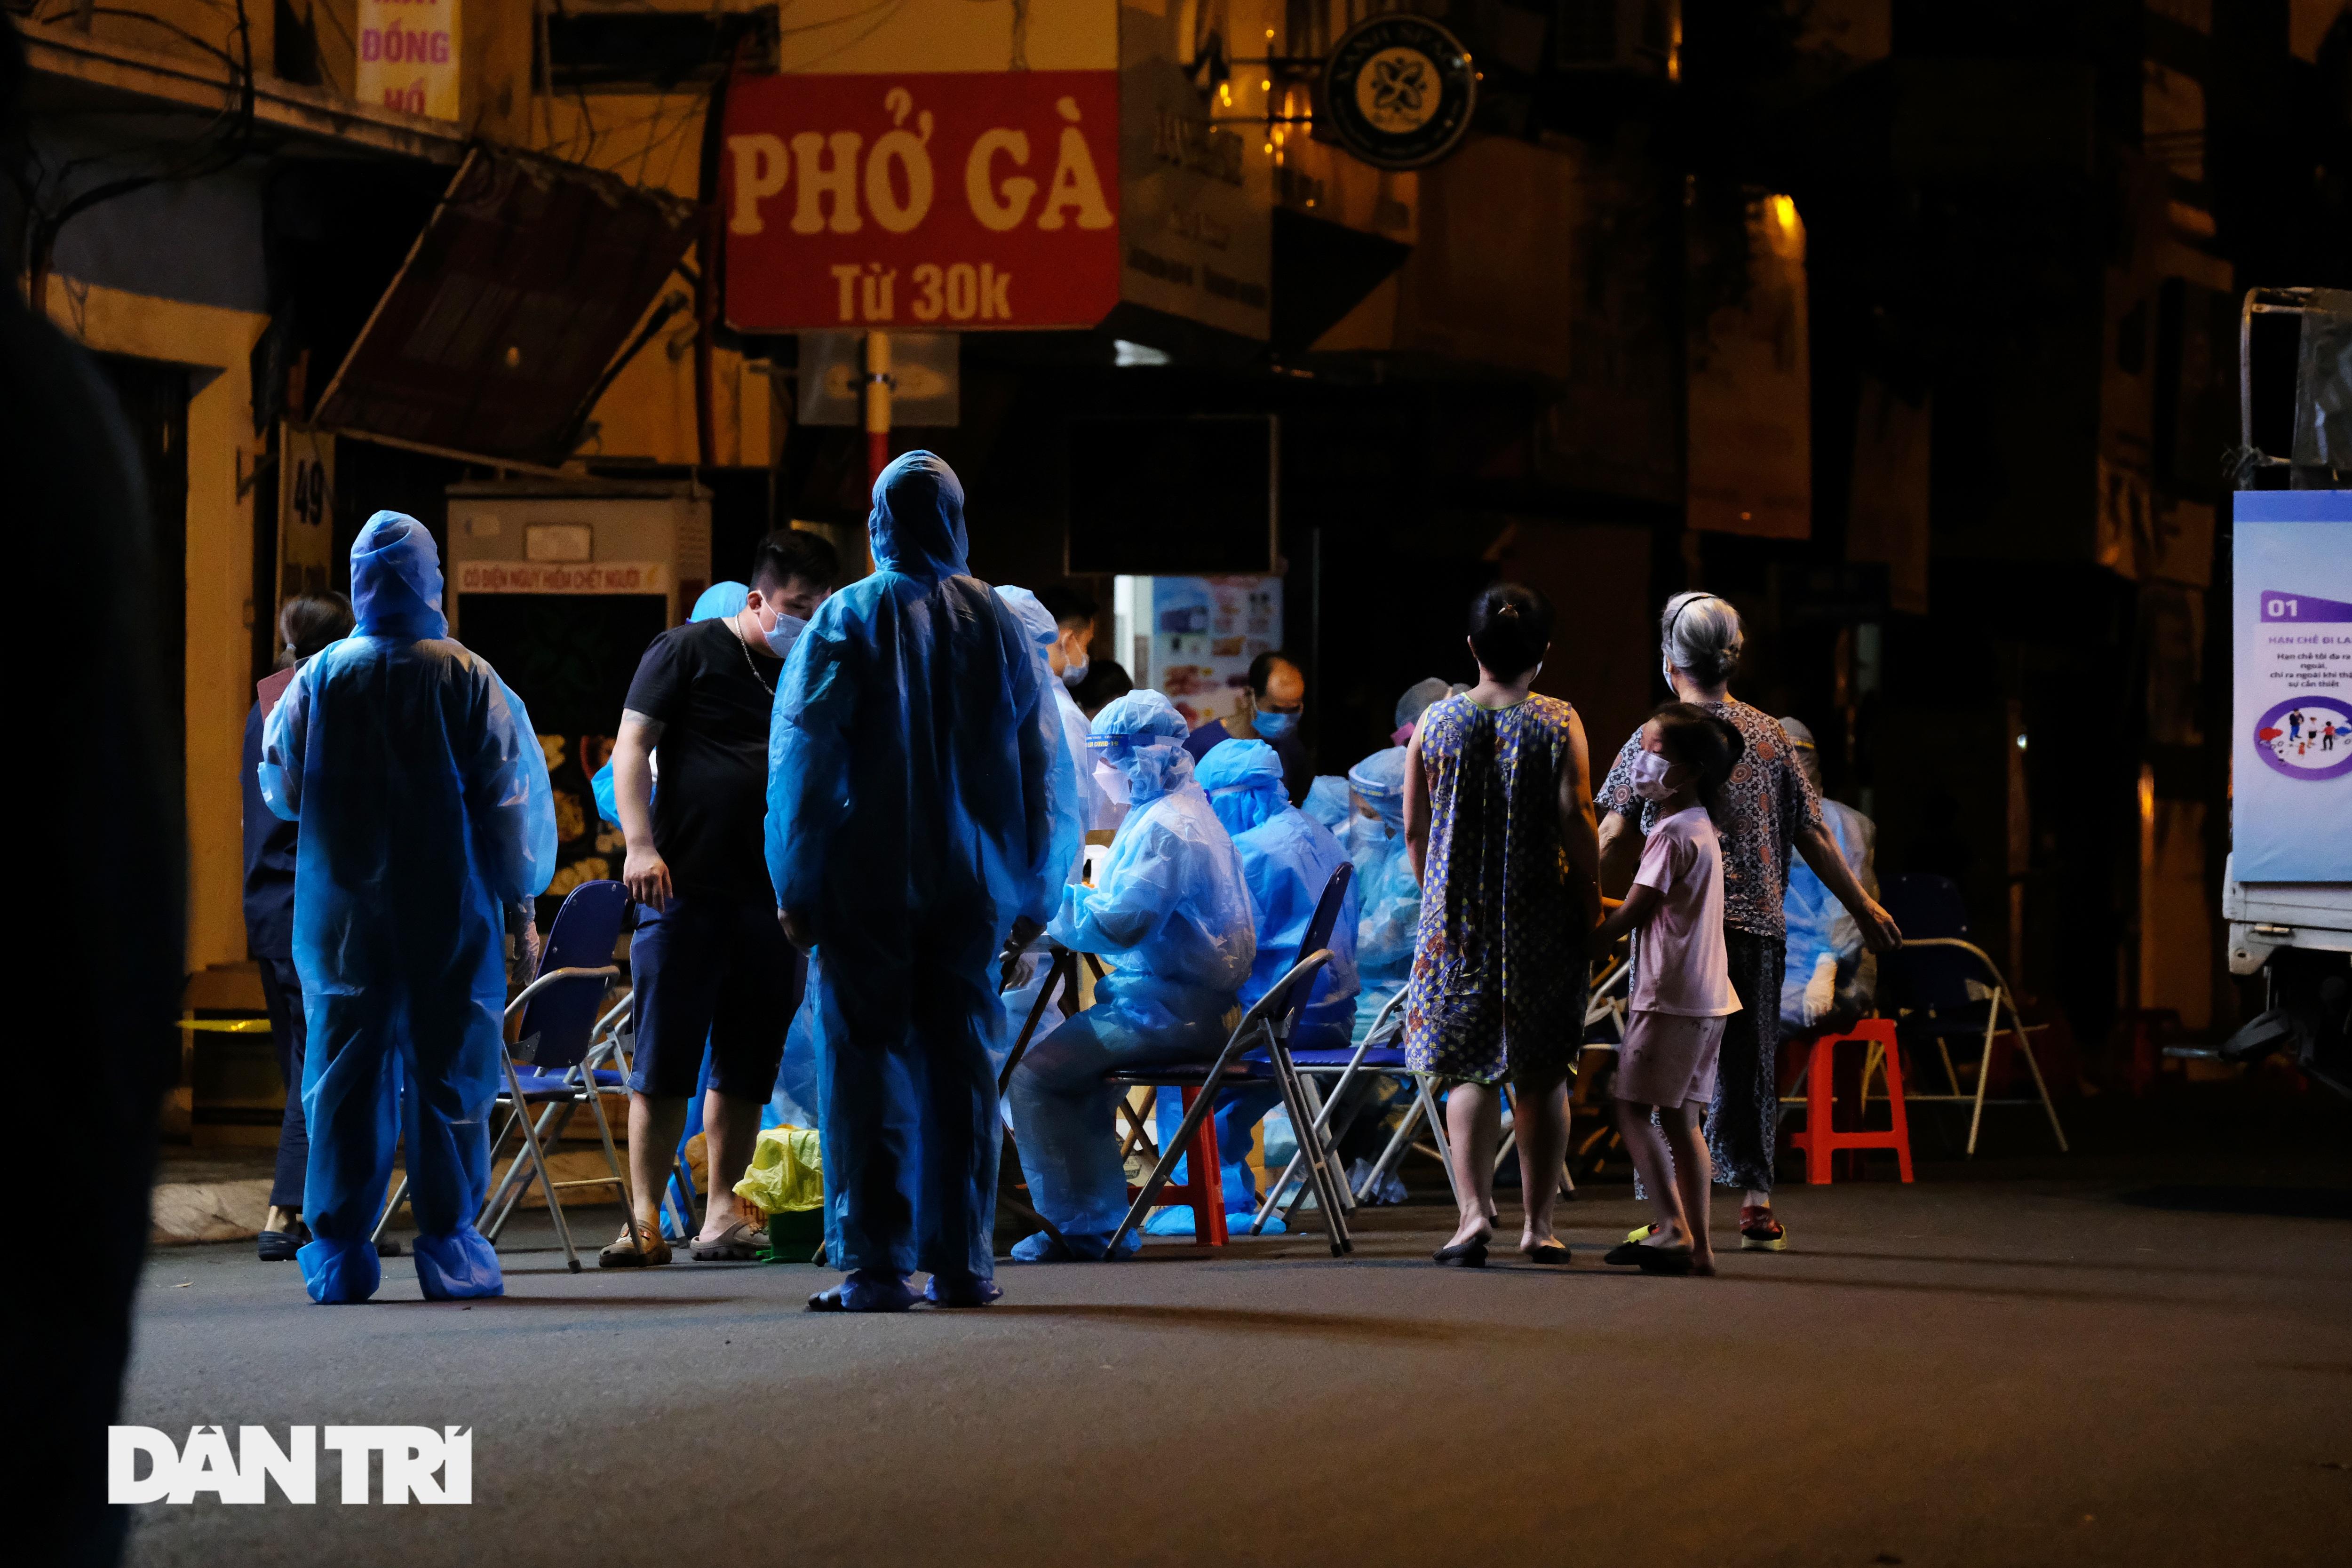 Hà Nội: Xuyên đêm phong tỏa, xét nghiệm hơn 100 người ở Thụy Khuê - 7